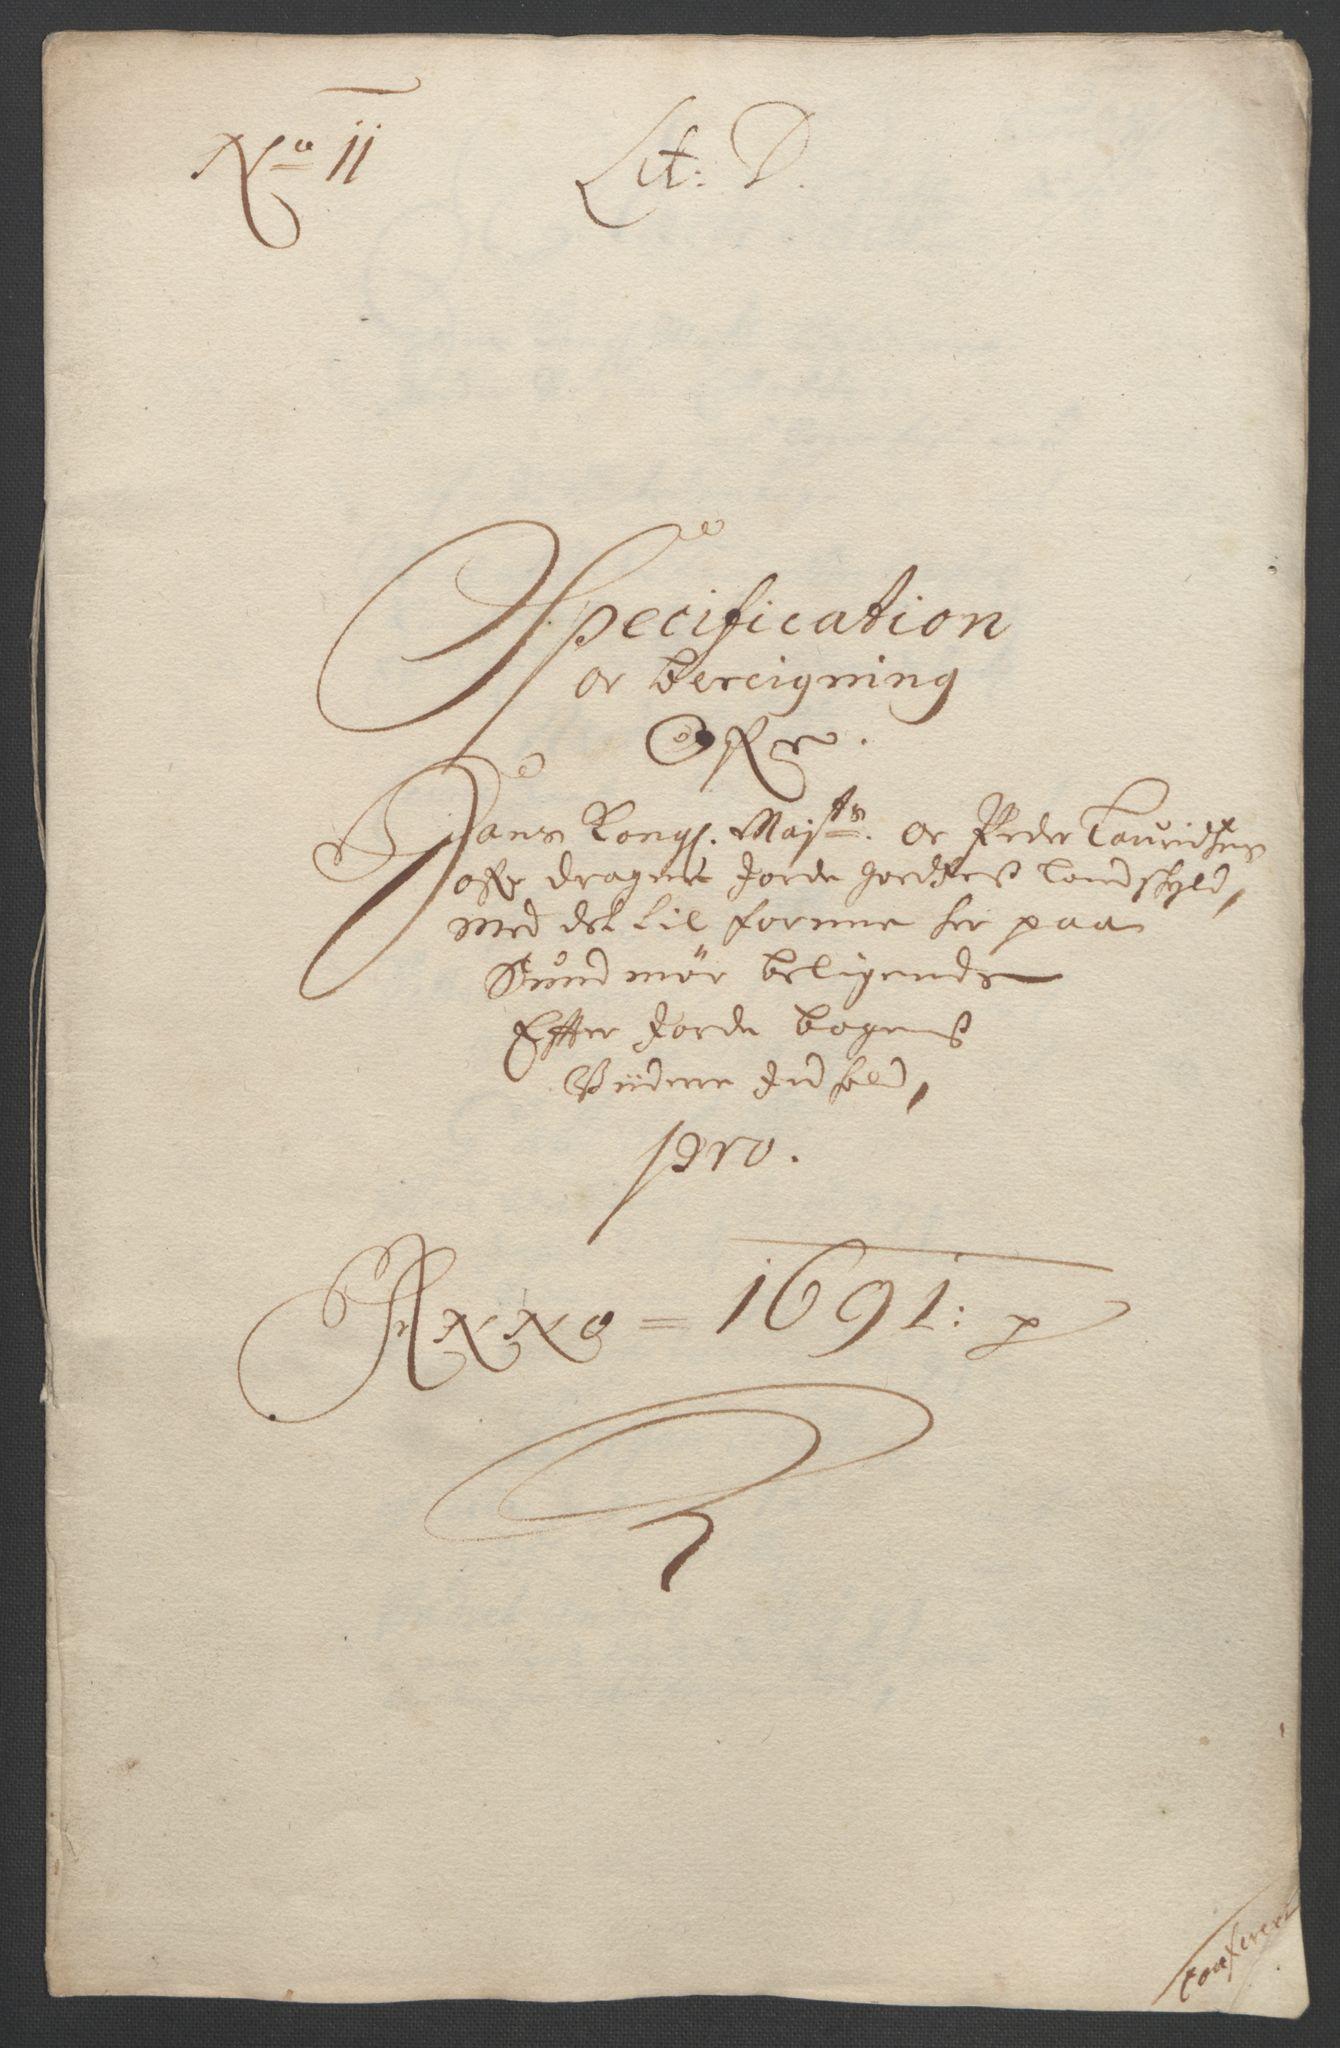 RA, Rentekammeret inntil 1814, Reviderte regnskaper, Fogderegnskap, R54/L3554: Fogderegnskap Sunnmøre, 1691-1693, s. 117